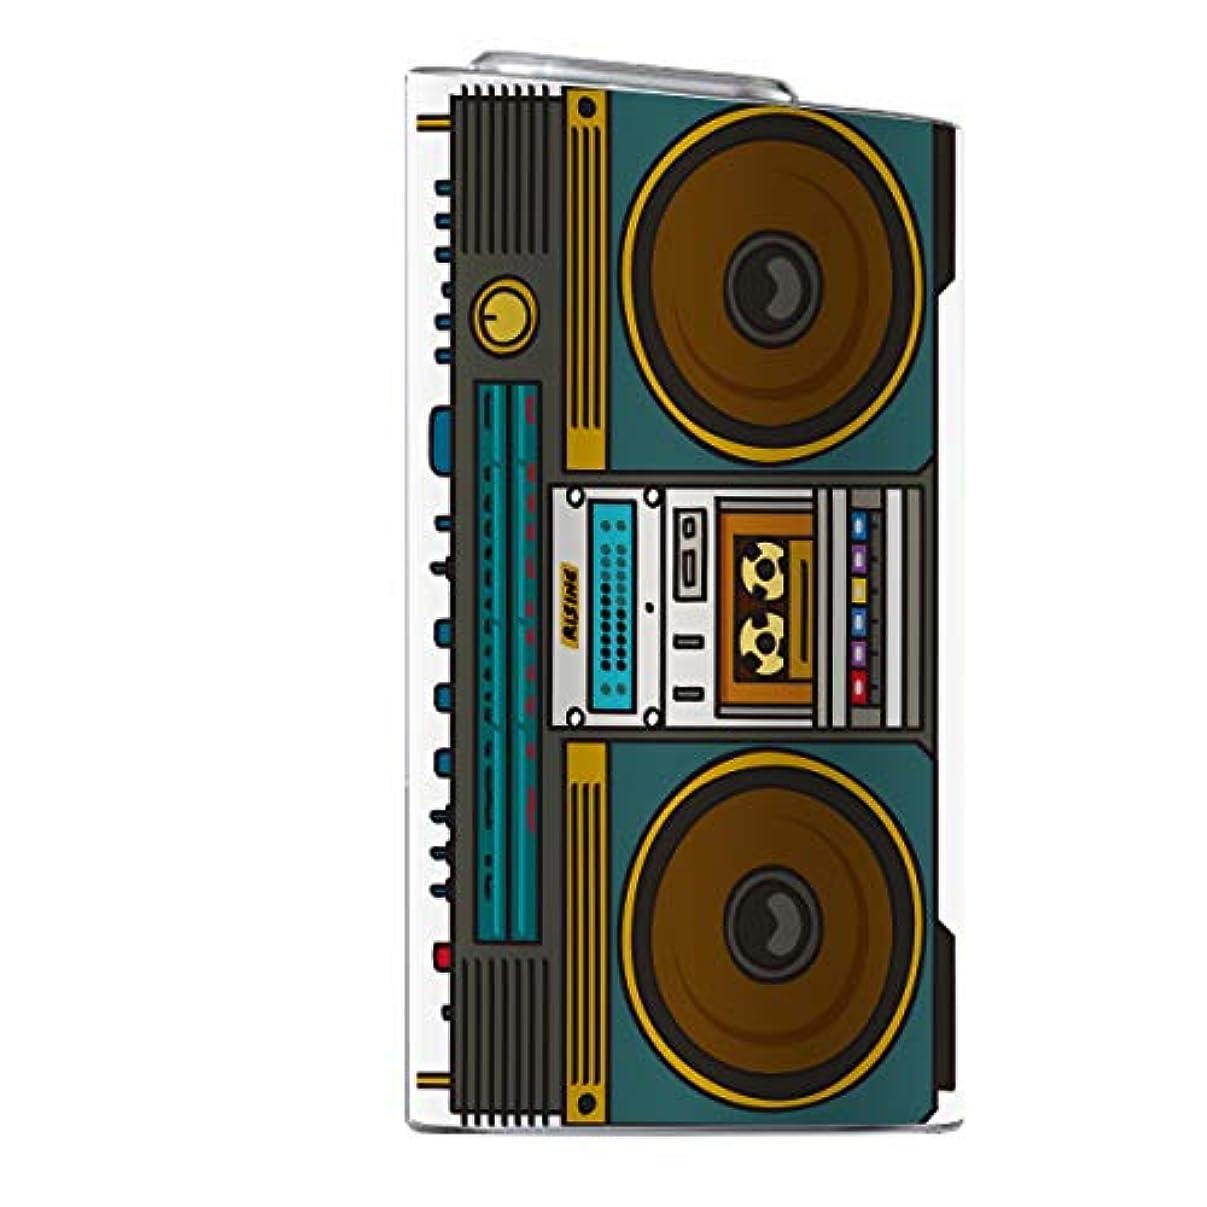 平らなストッキング先入観glo スキンシール 【 glo専用 】 old school テープ ラジカセ boombox hiphop レコード glo グロー 全面対応